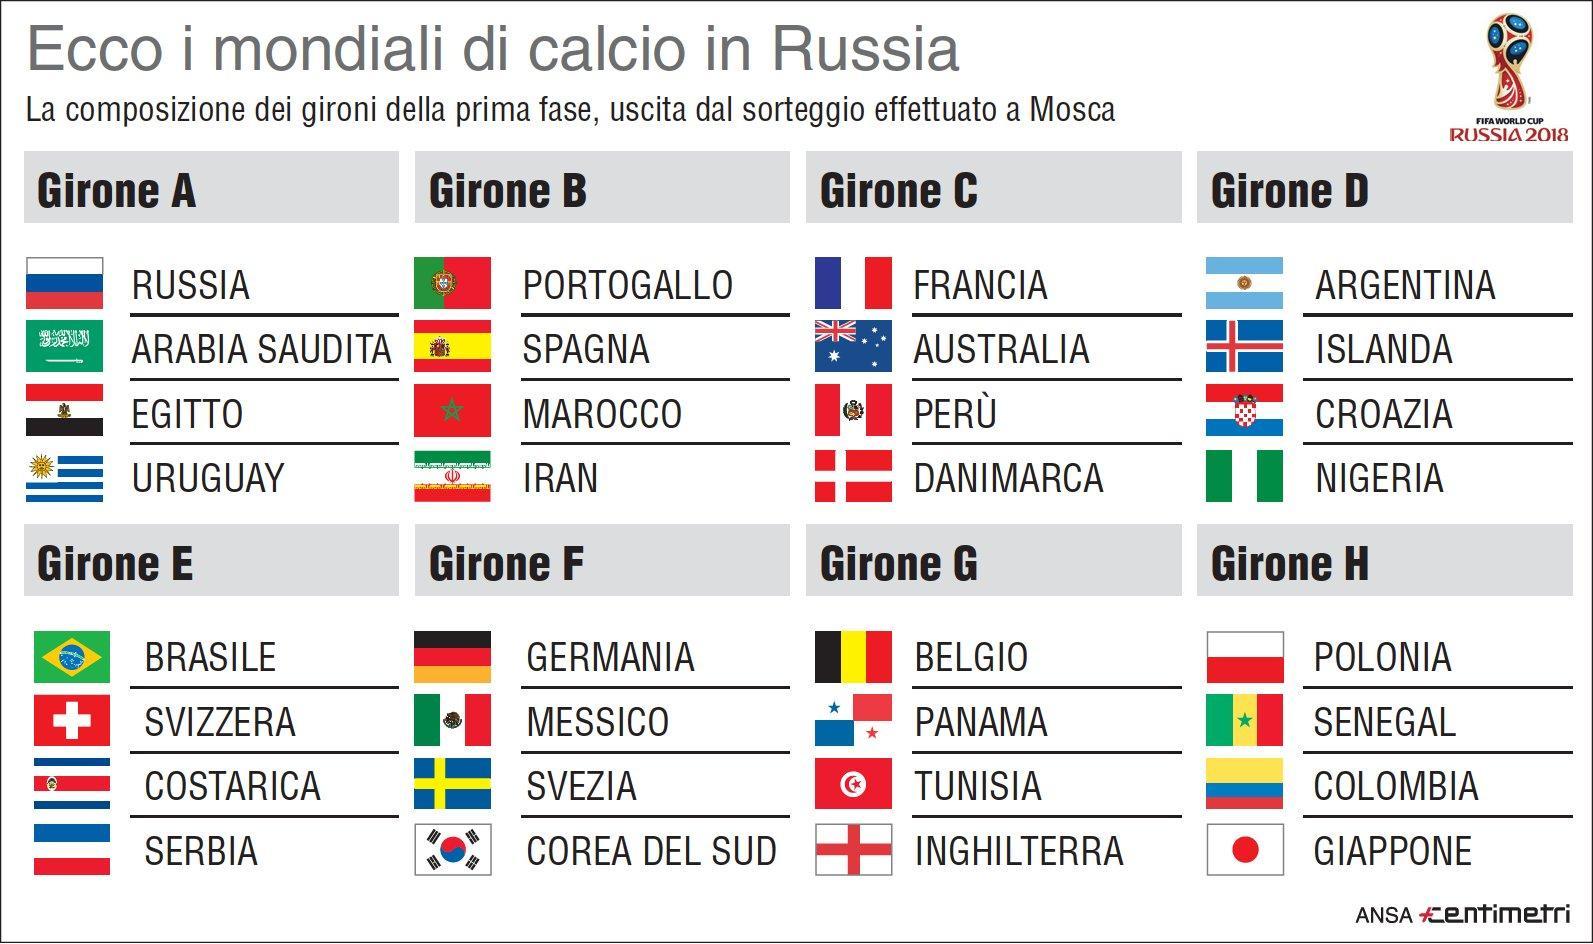 mondiali di calcio ecco tutti i gironi infografica tgcom24